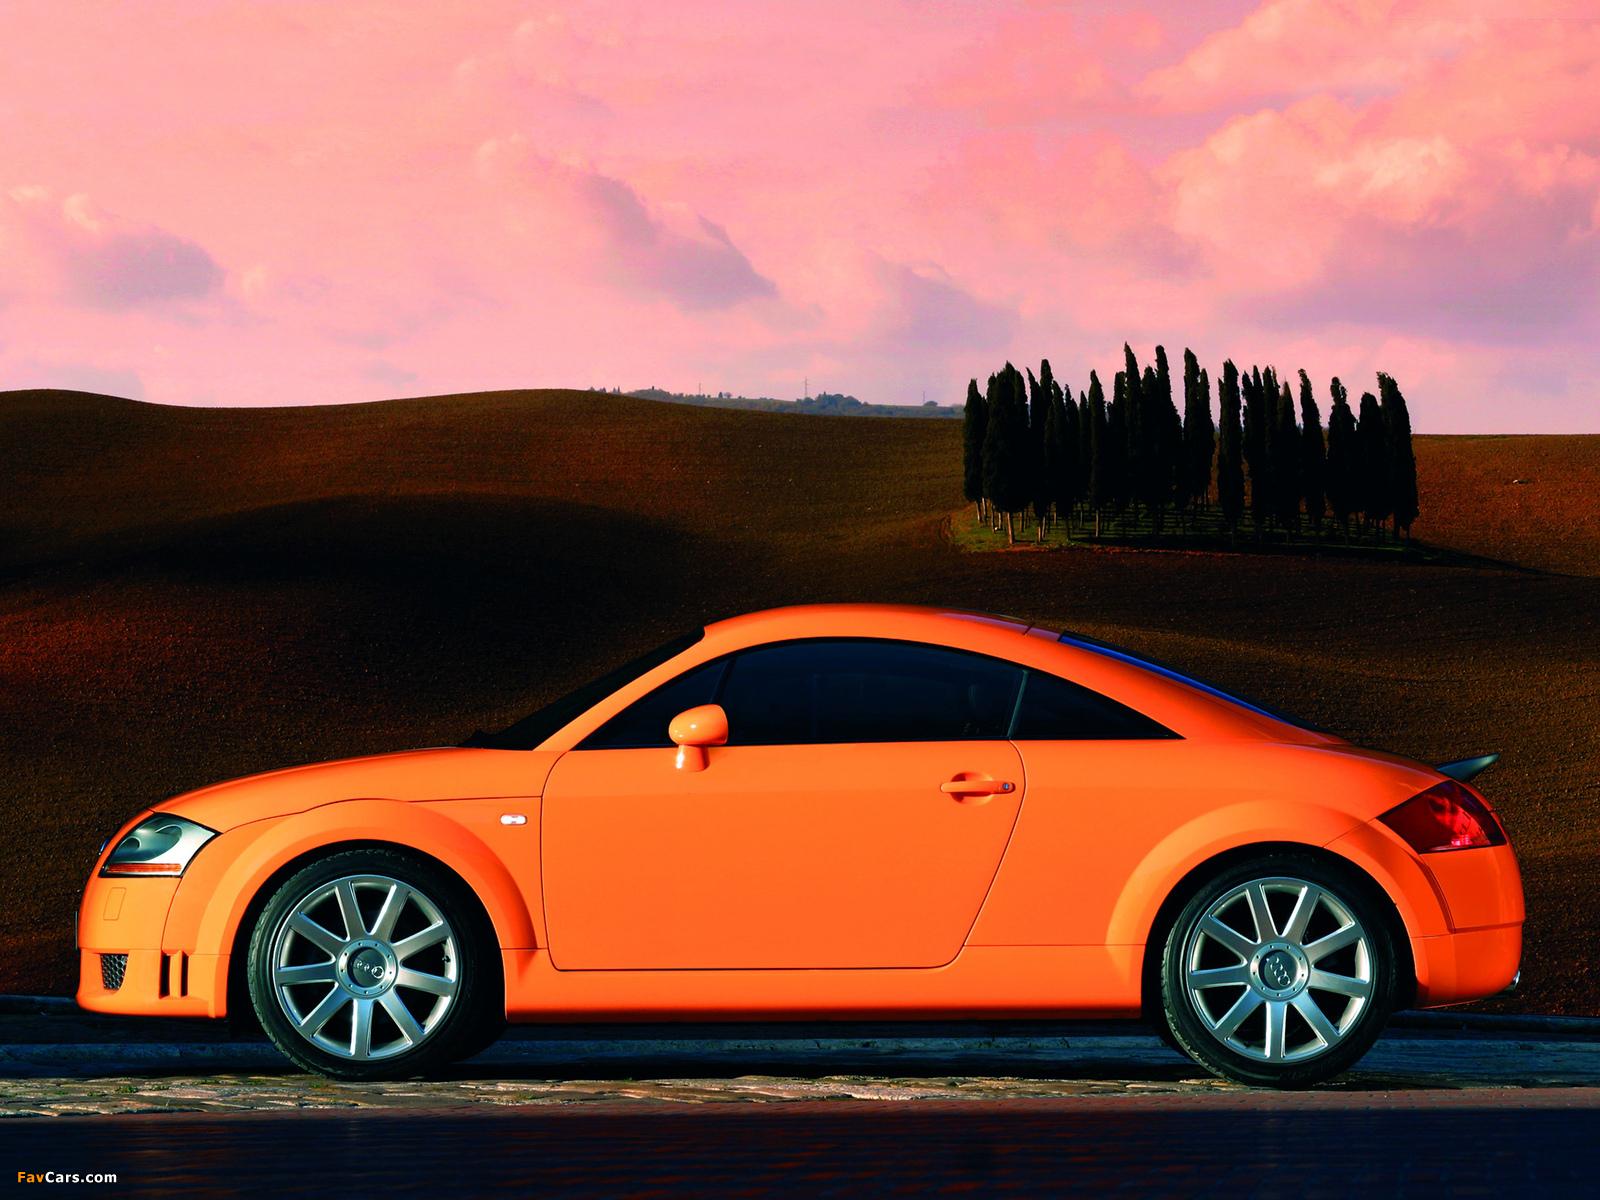 Audi Tt 3 2 Quattro Coupe 8n 2003 06 Photos 1600x1200